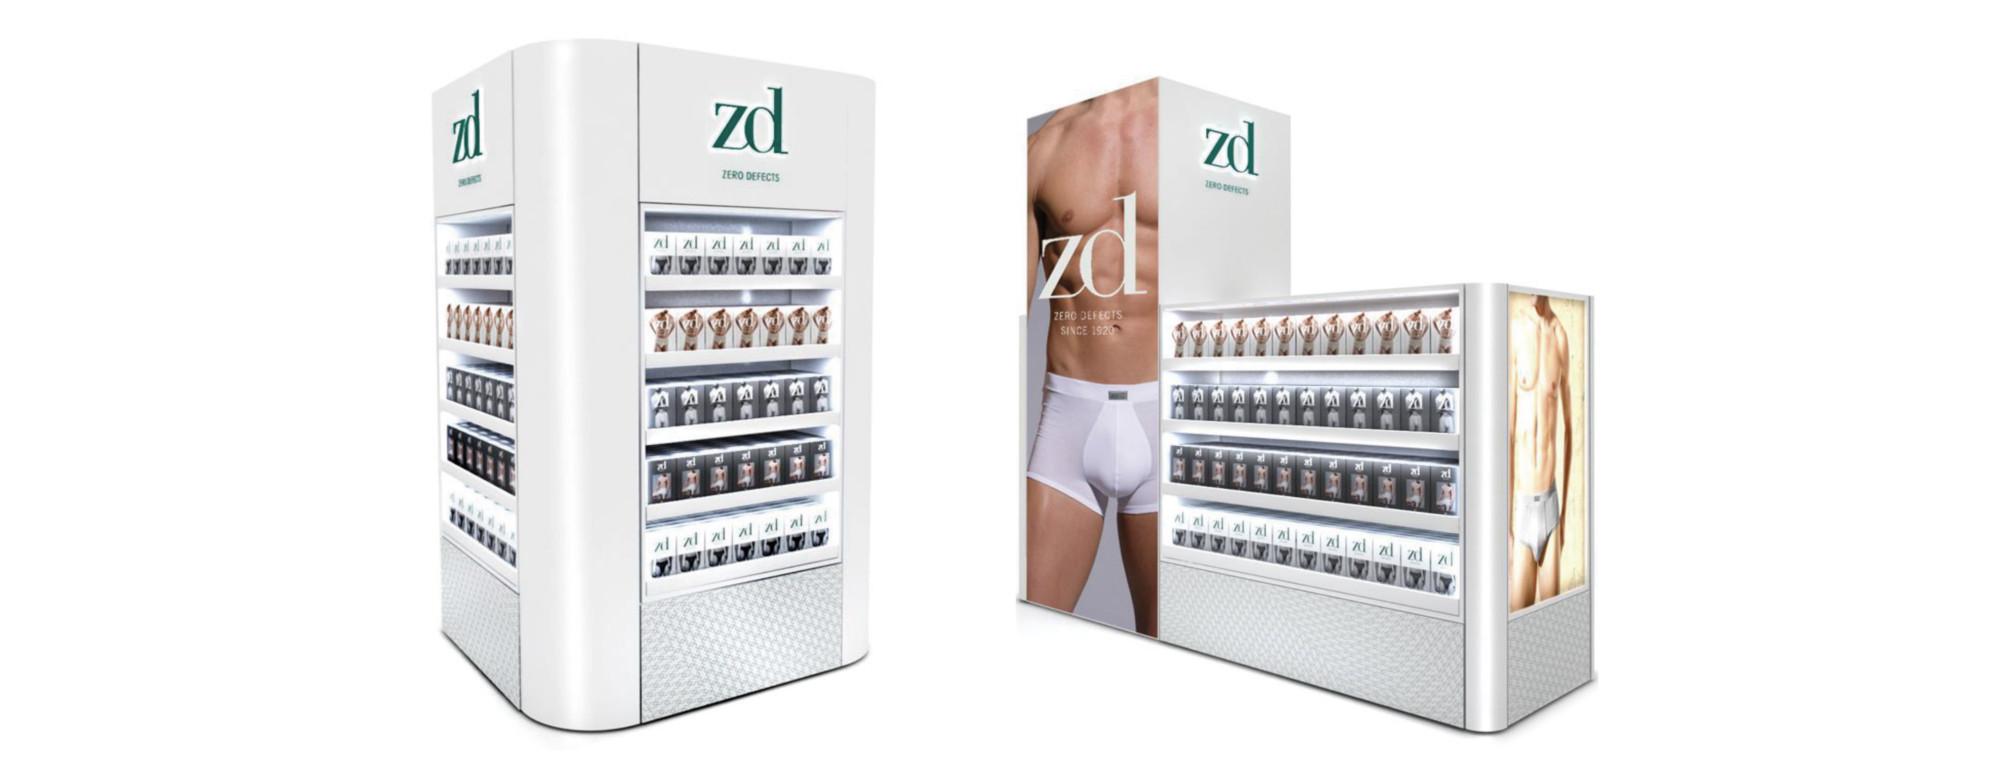 PLV ZD - Ejemplo de Mobiliario para cliente del sector Retail